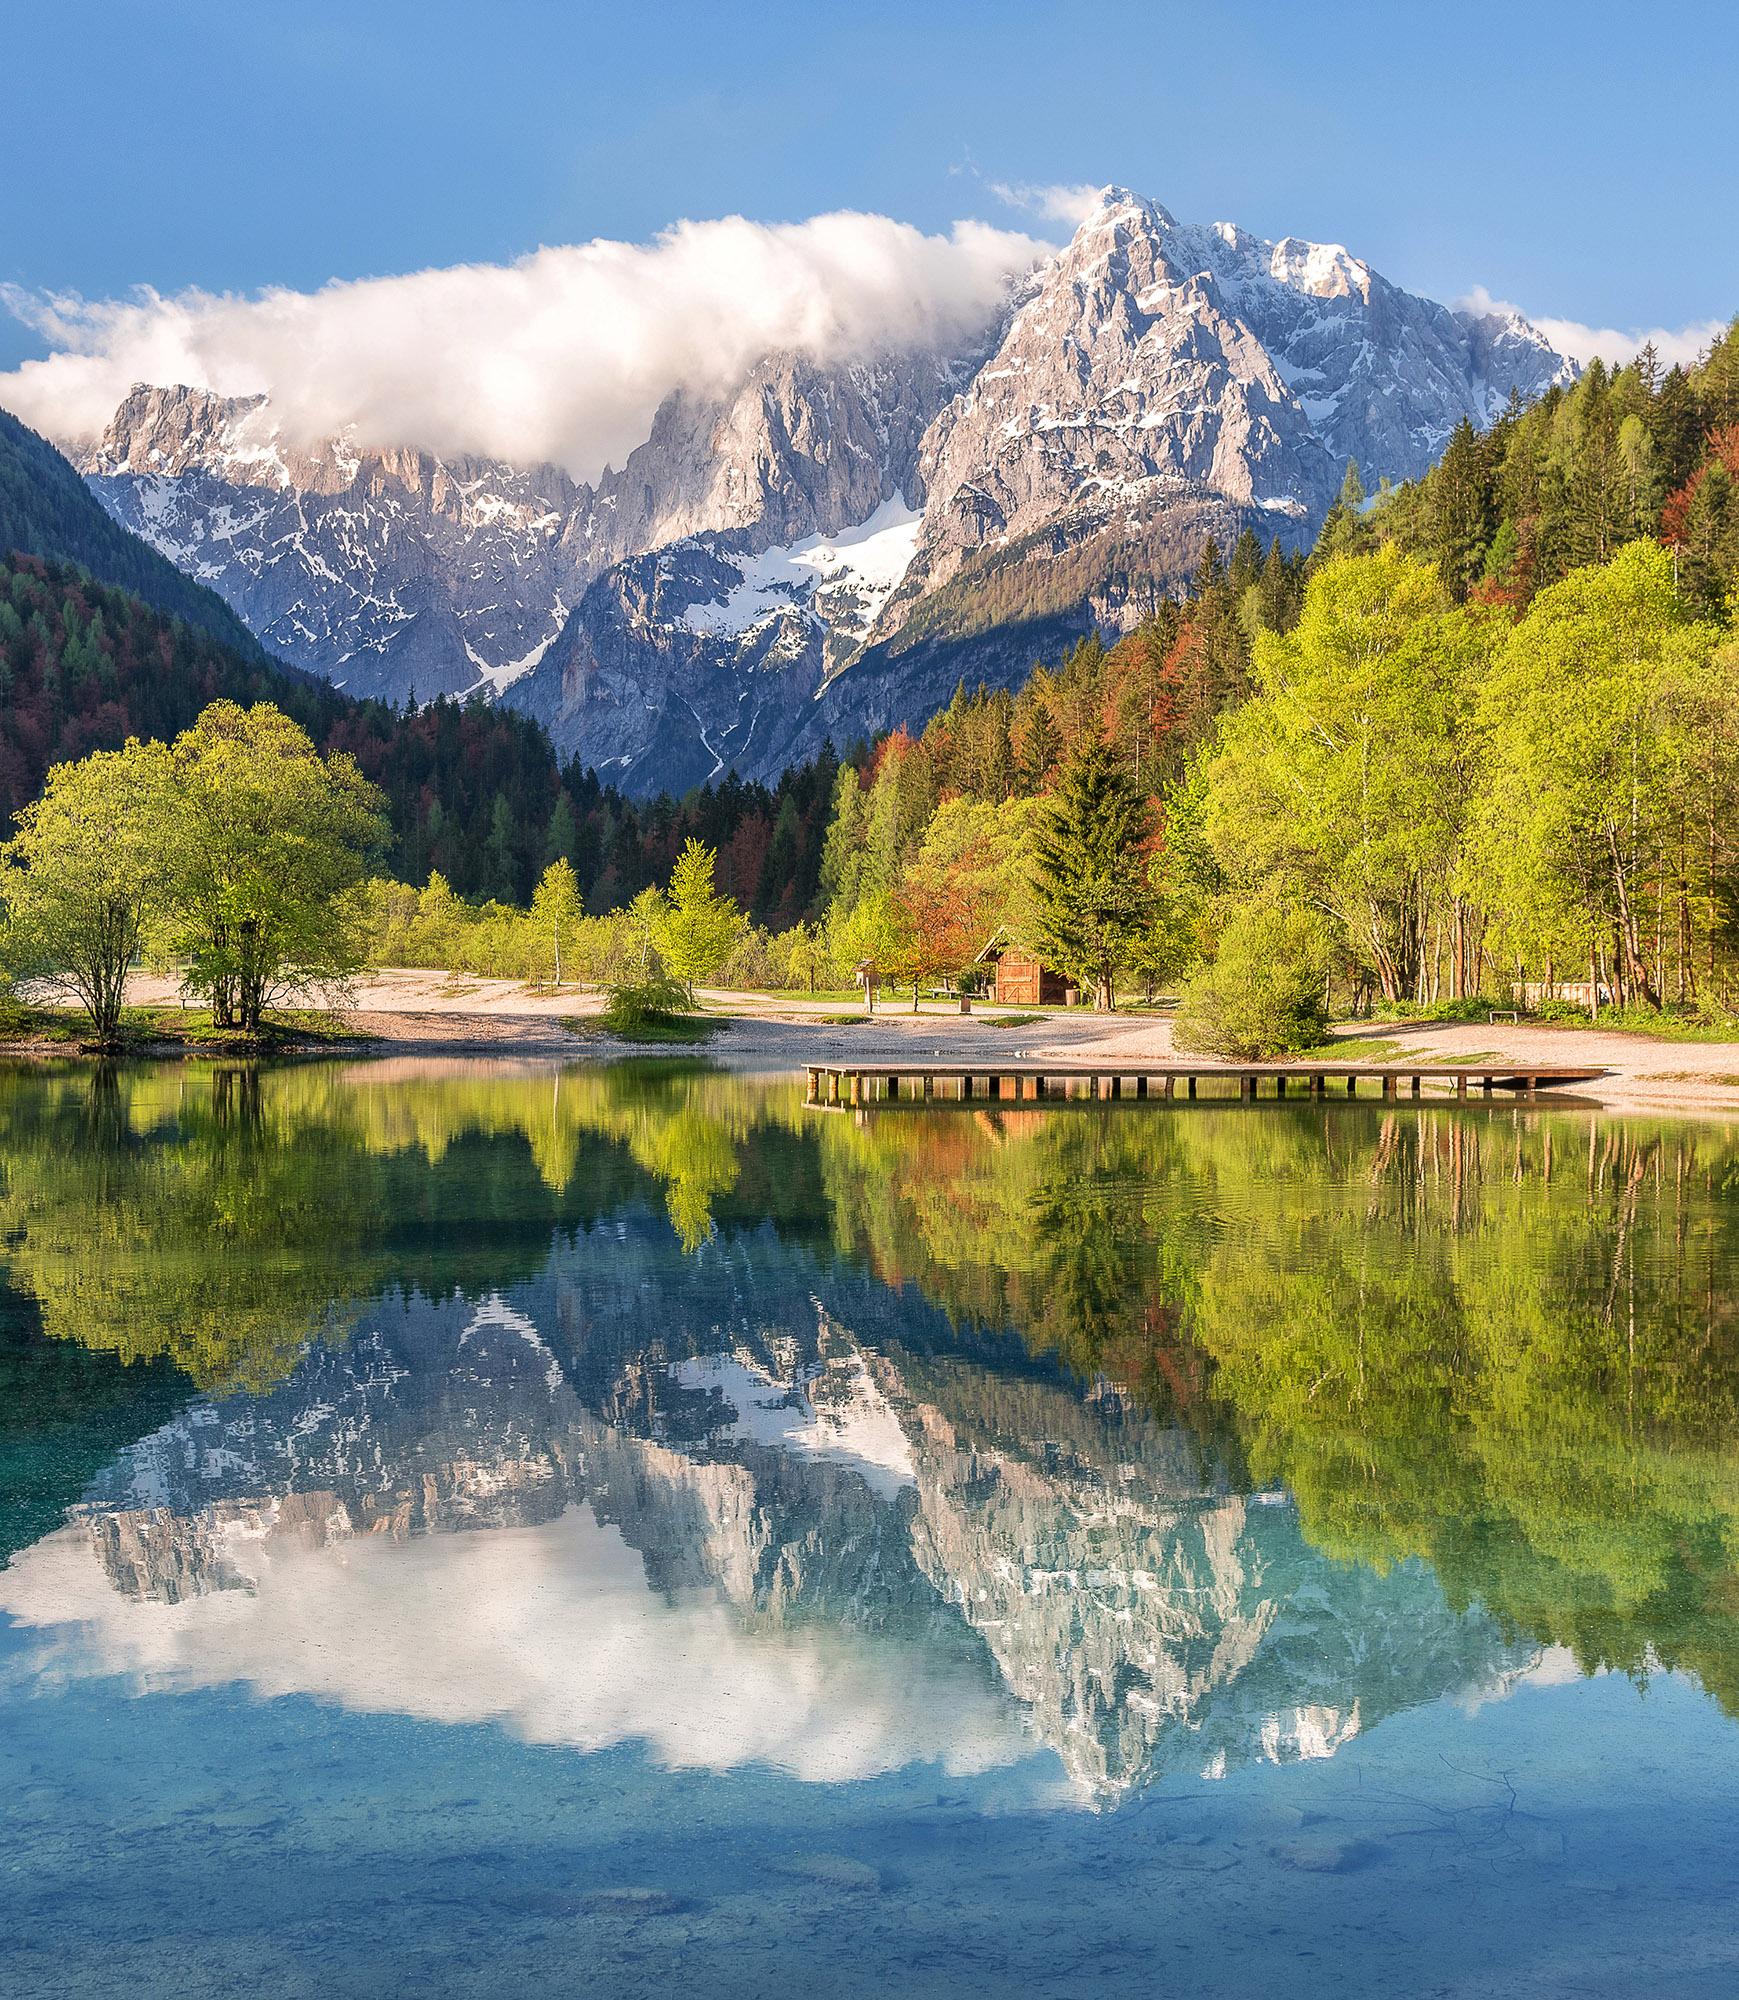 Beautiful Lake House Homes: Jasna Lake With Beautiful Reflection